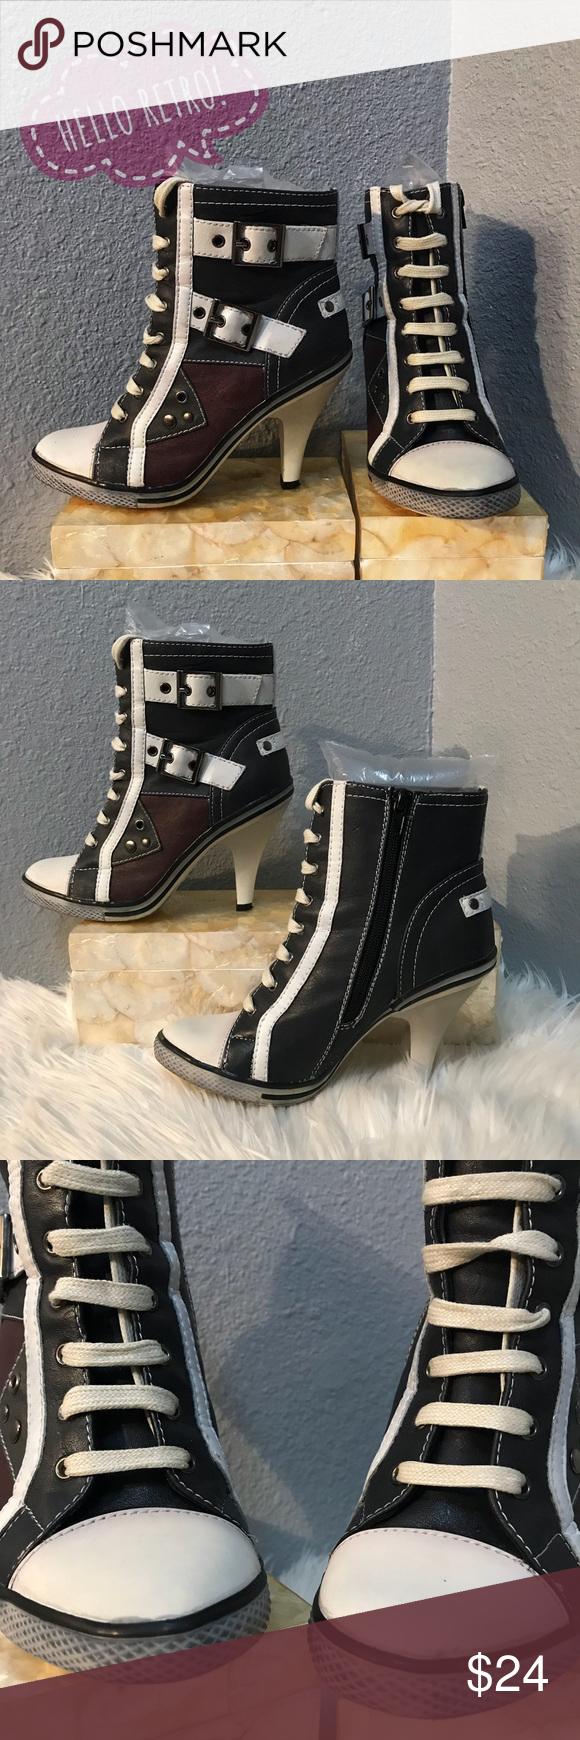 Retro Vintage vegan sneaker boot heels Sneaker boots